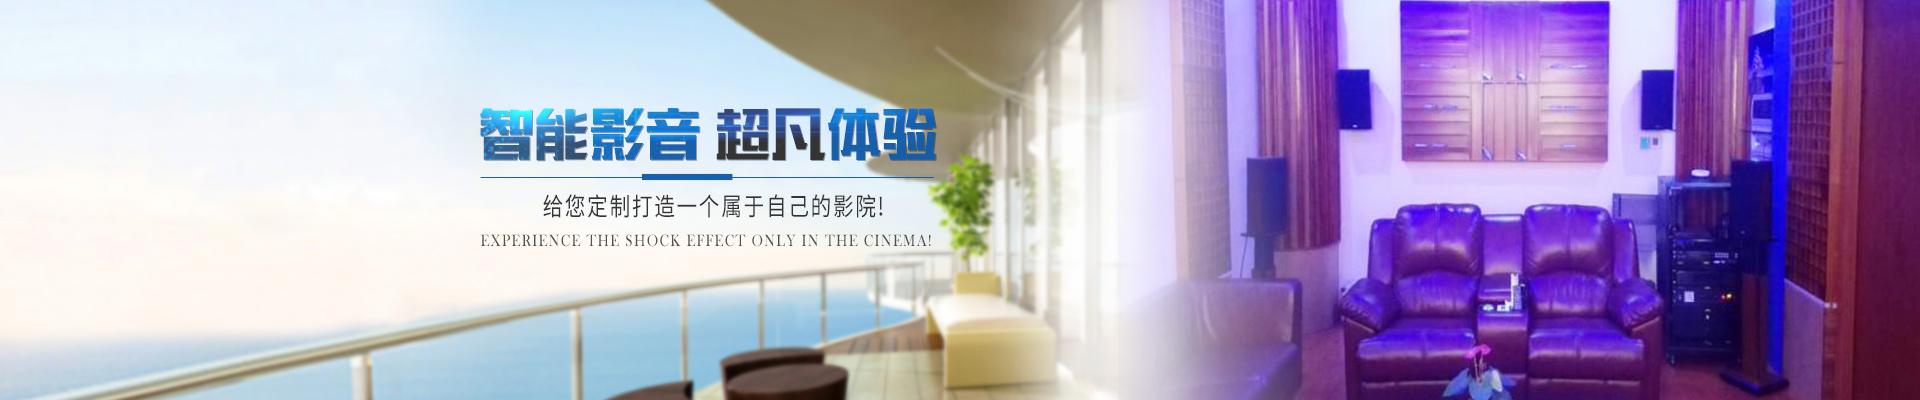 千亿国际娱乐网址-qy8千赢国际-qy700千亿国际